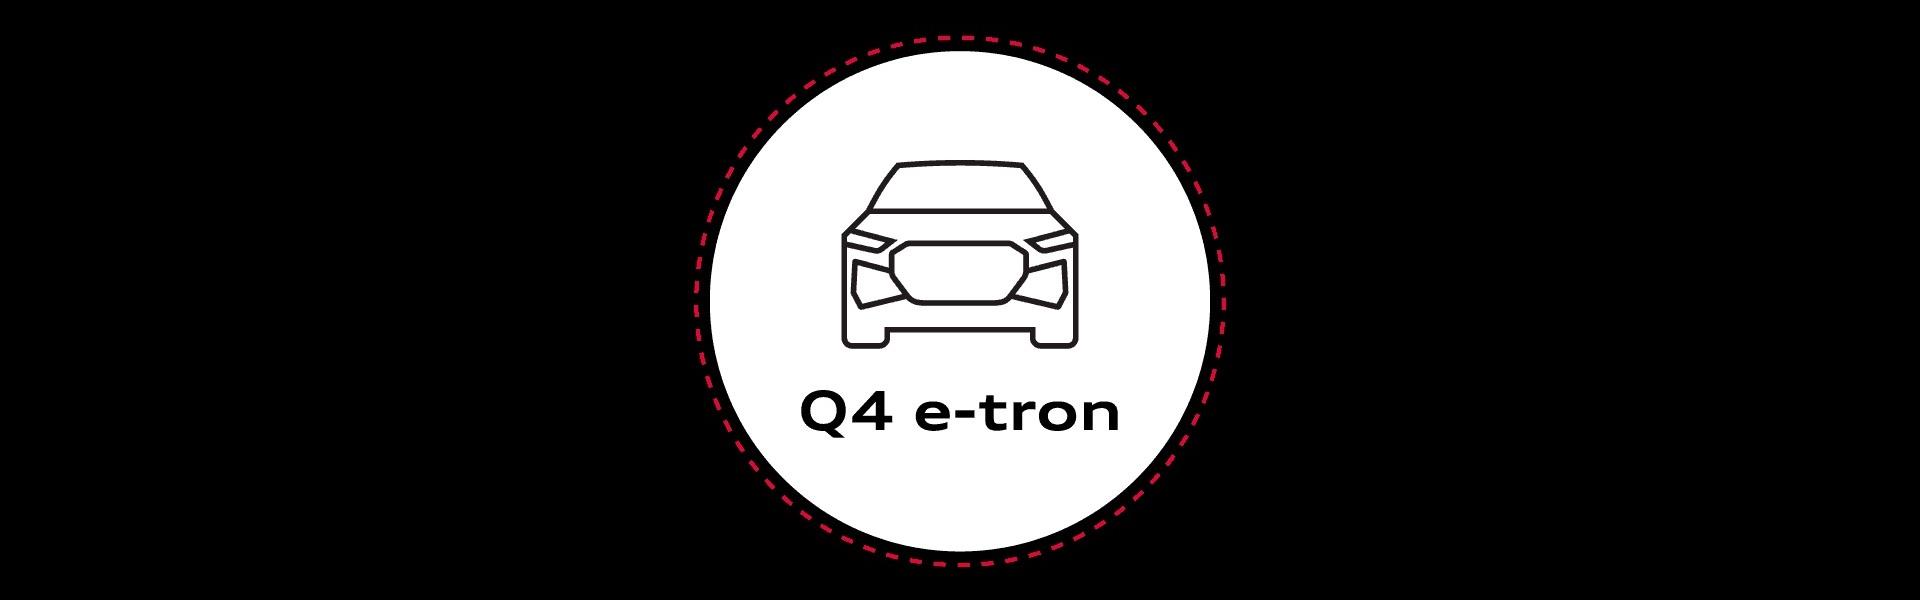 Štiri faze v življenjskem ciklu avtomobila Audi Q4 e-tron